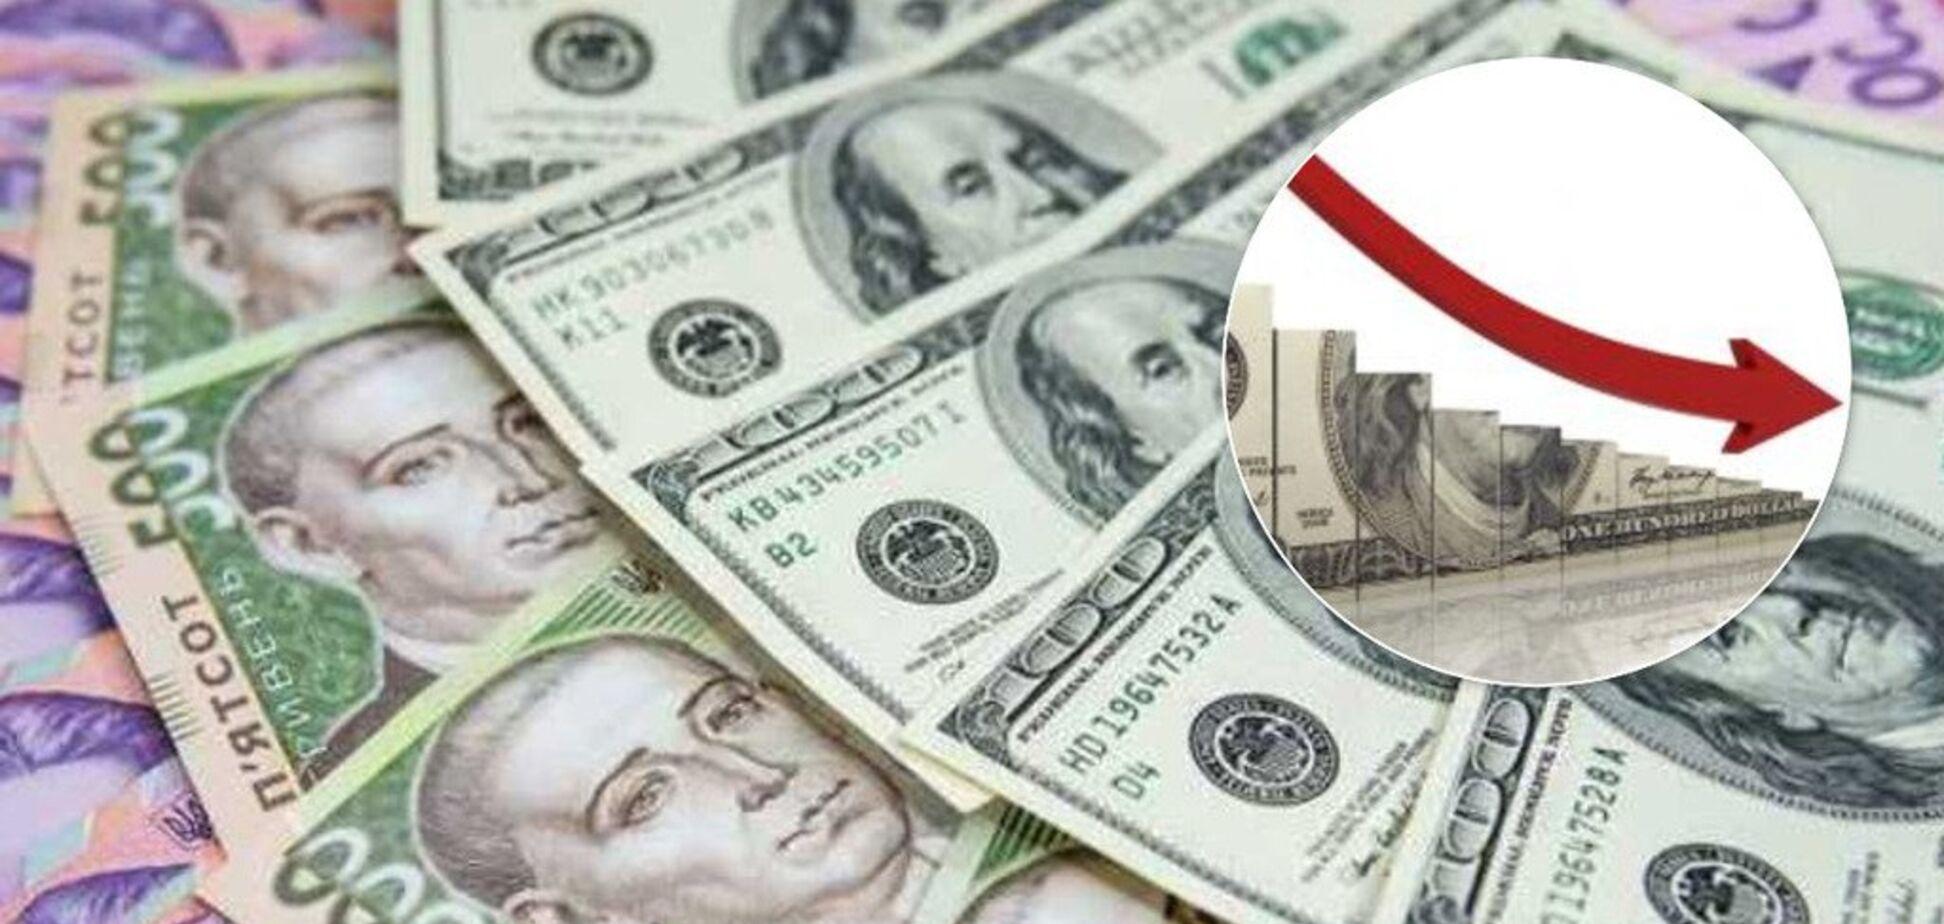 Курс доллара может пробить очередной рекорд: аналитик спрогнозировал стоимость гривни